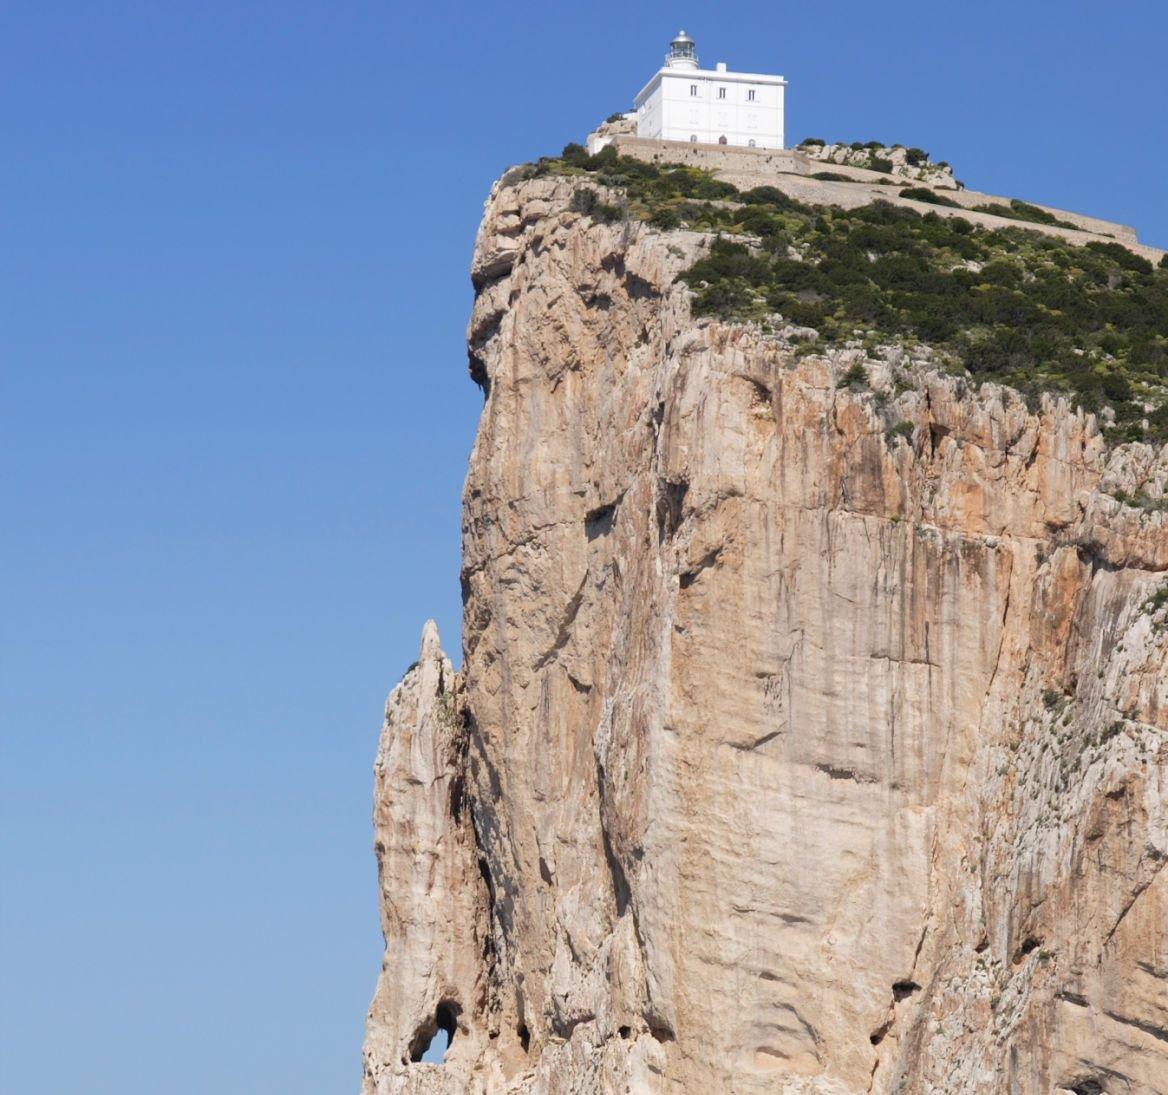 Les falaises de Capo Caccia, Sardaigne